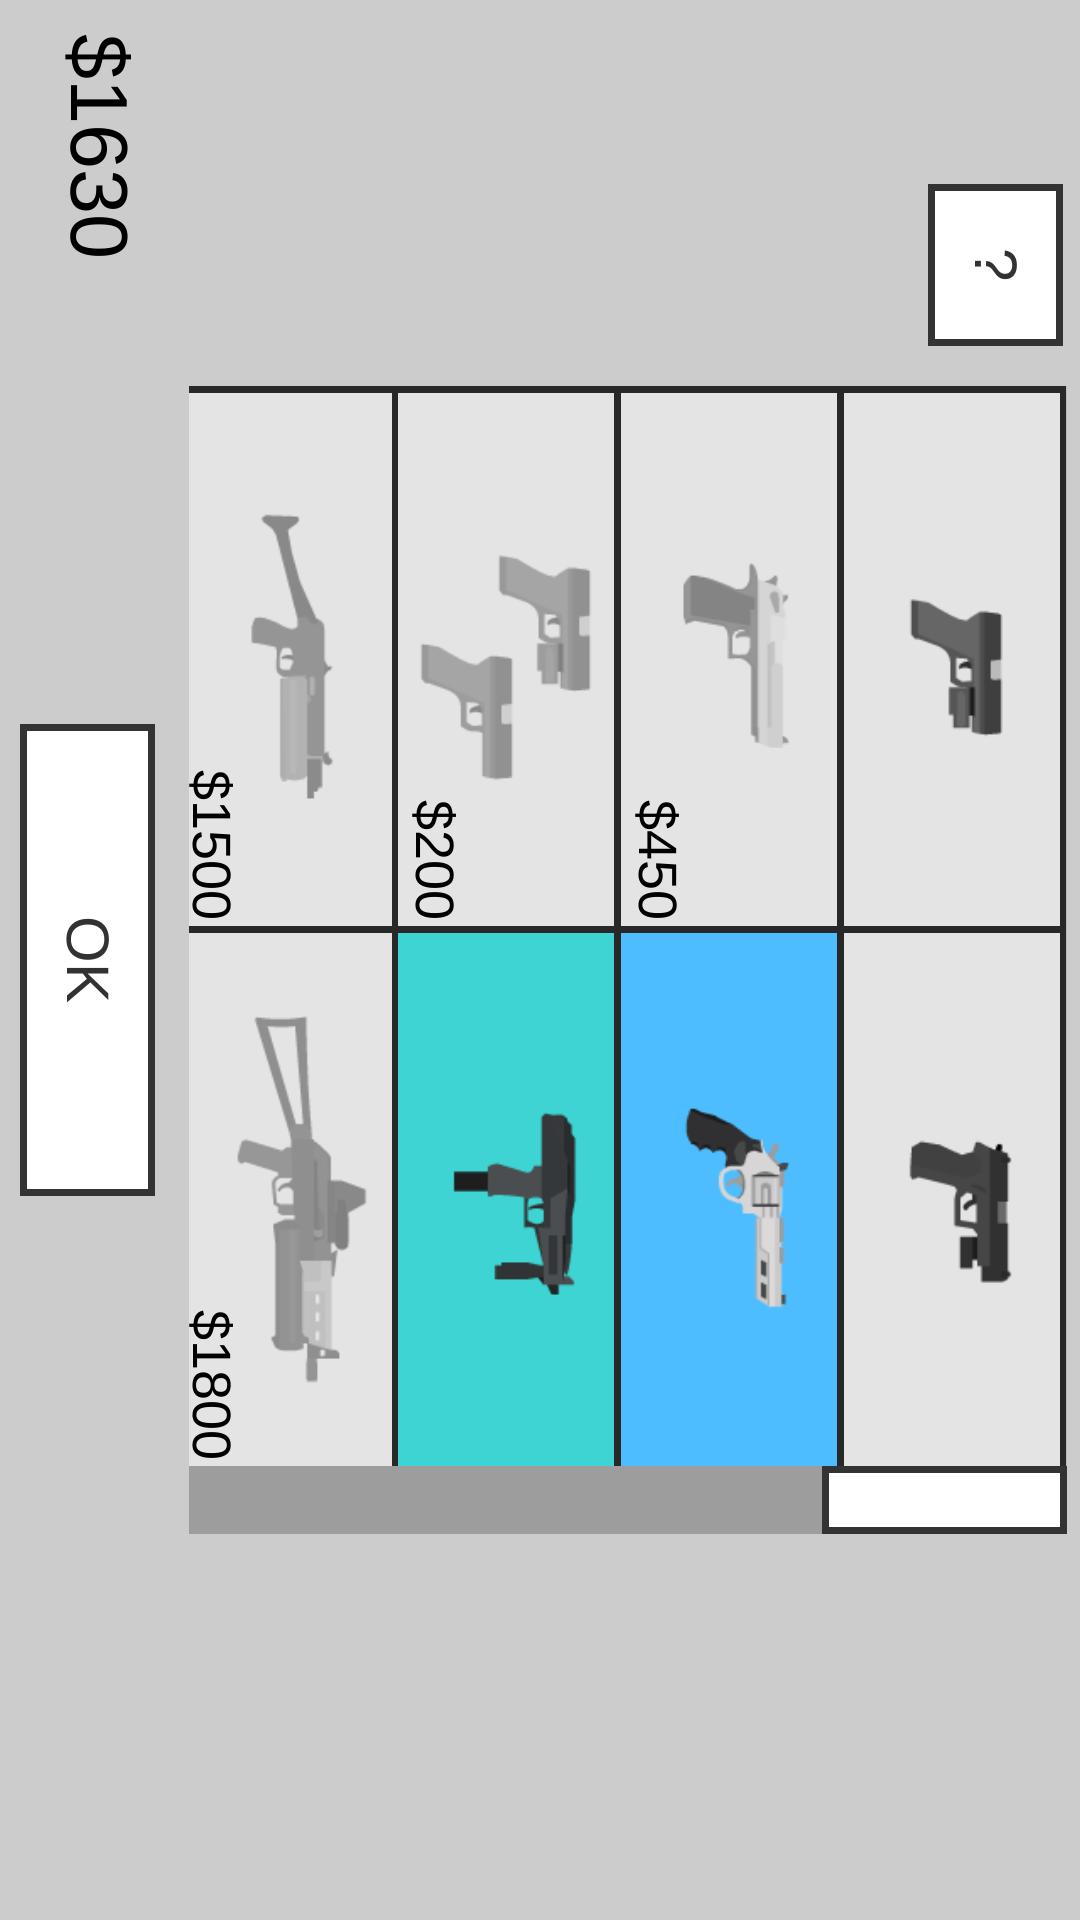 射杀僵尸防御中文最新破解版游戏截图